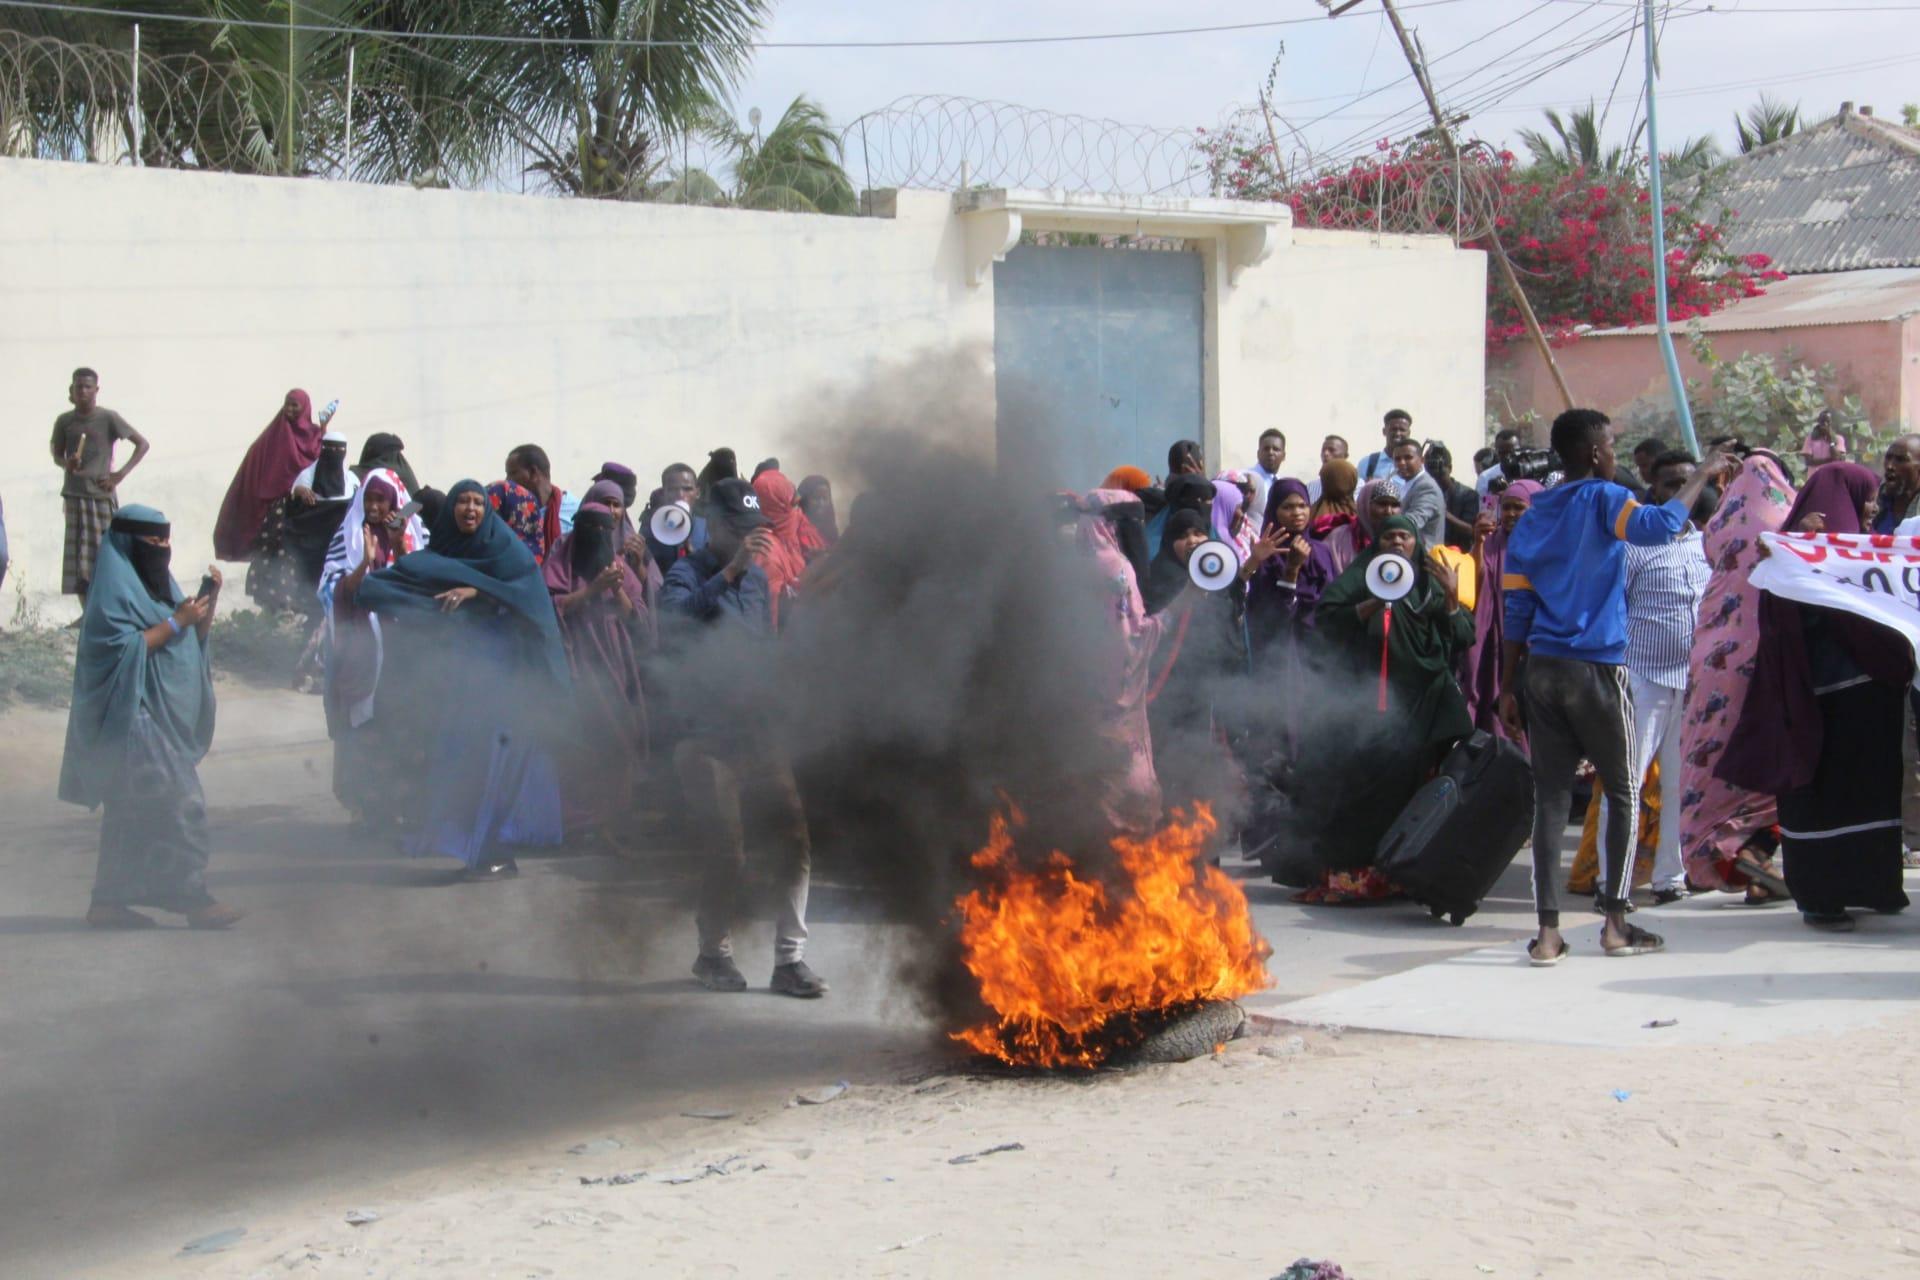 الصومال: اشتباكات واسعة النطاق في مقديشو مع احتجاجات المعارضة على تمديد ولاية فارماجو